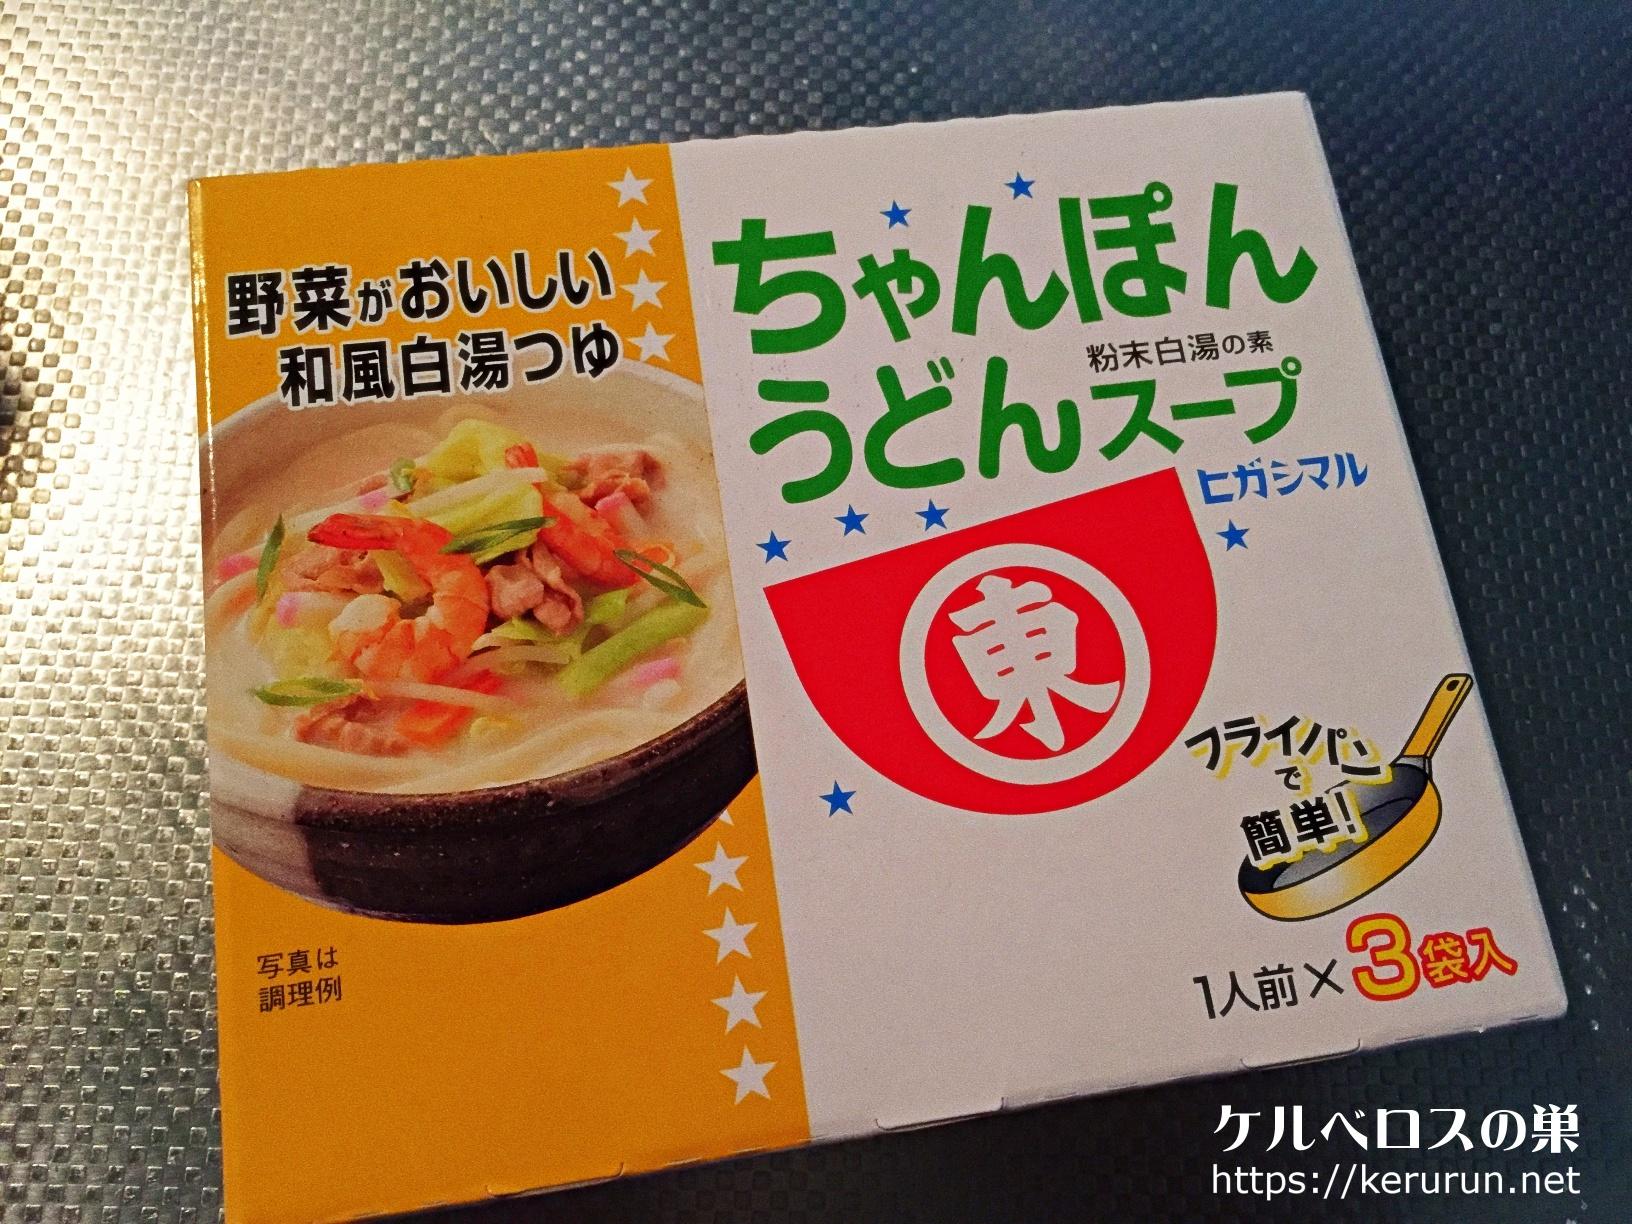 ヒガシマルのちゃんぽん粉末スープ